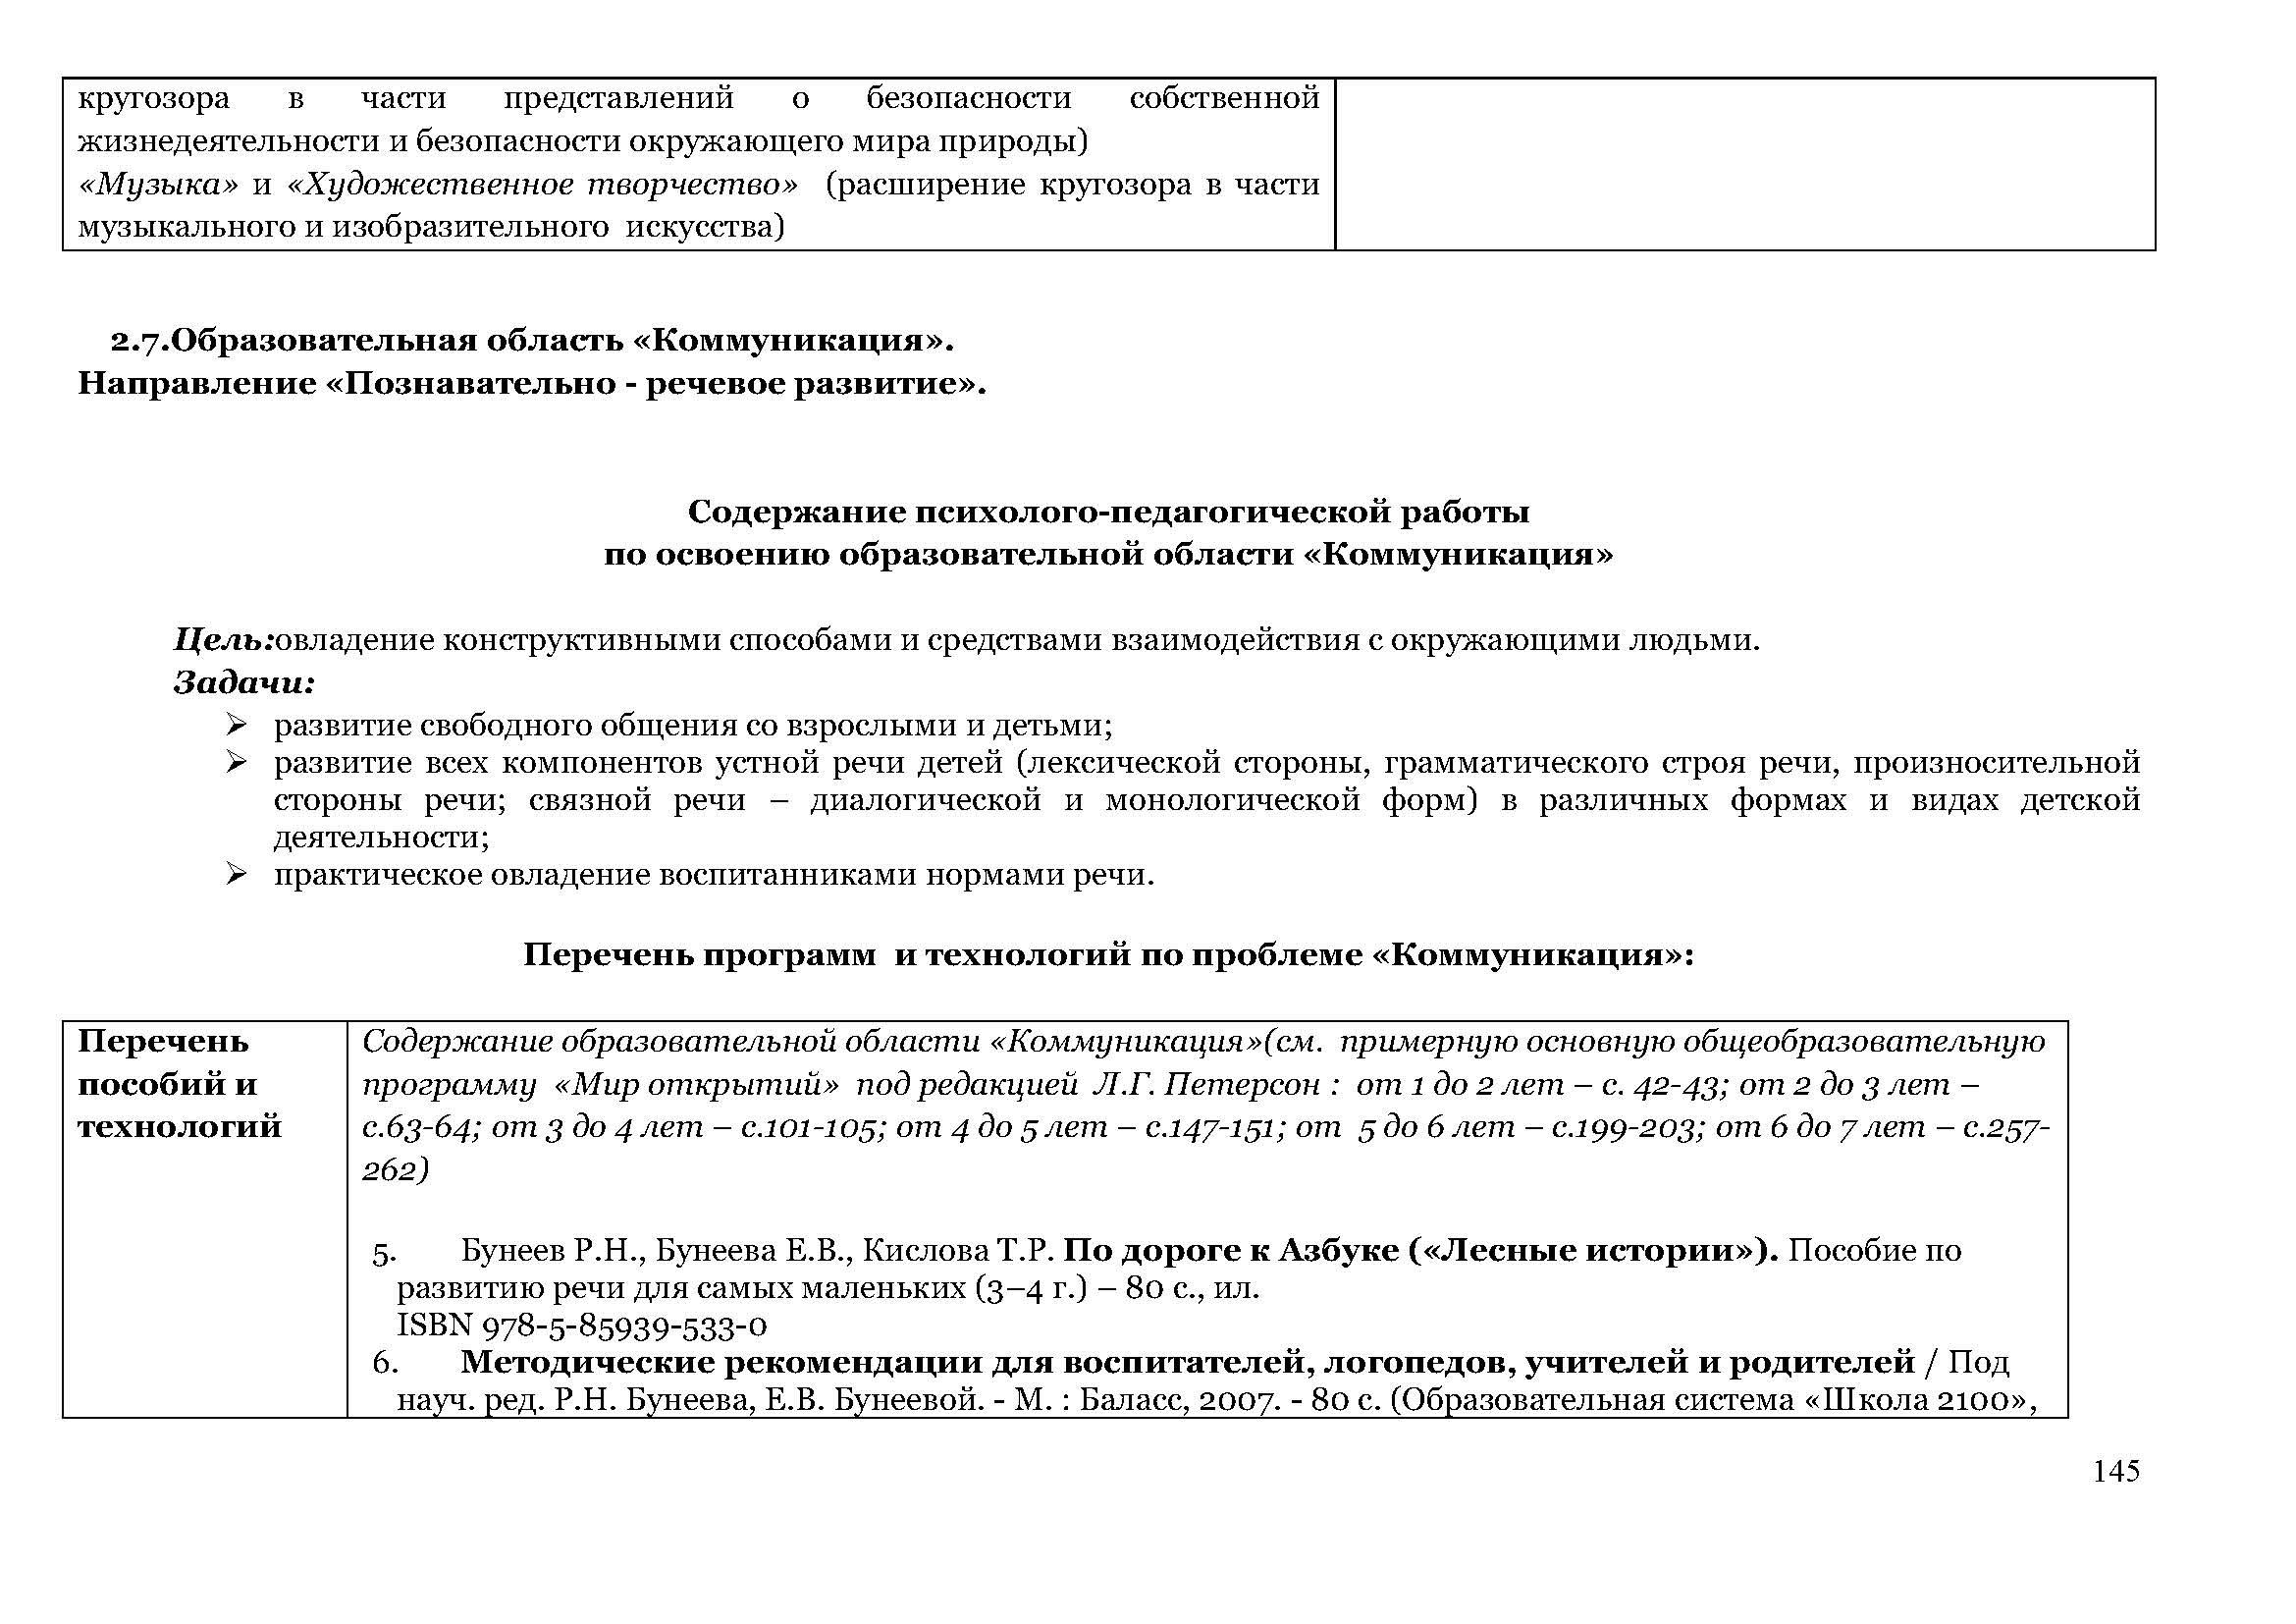 образовательная_программа_Страница_145